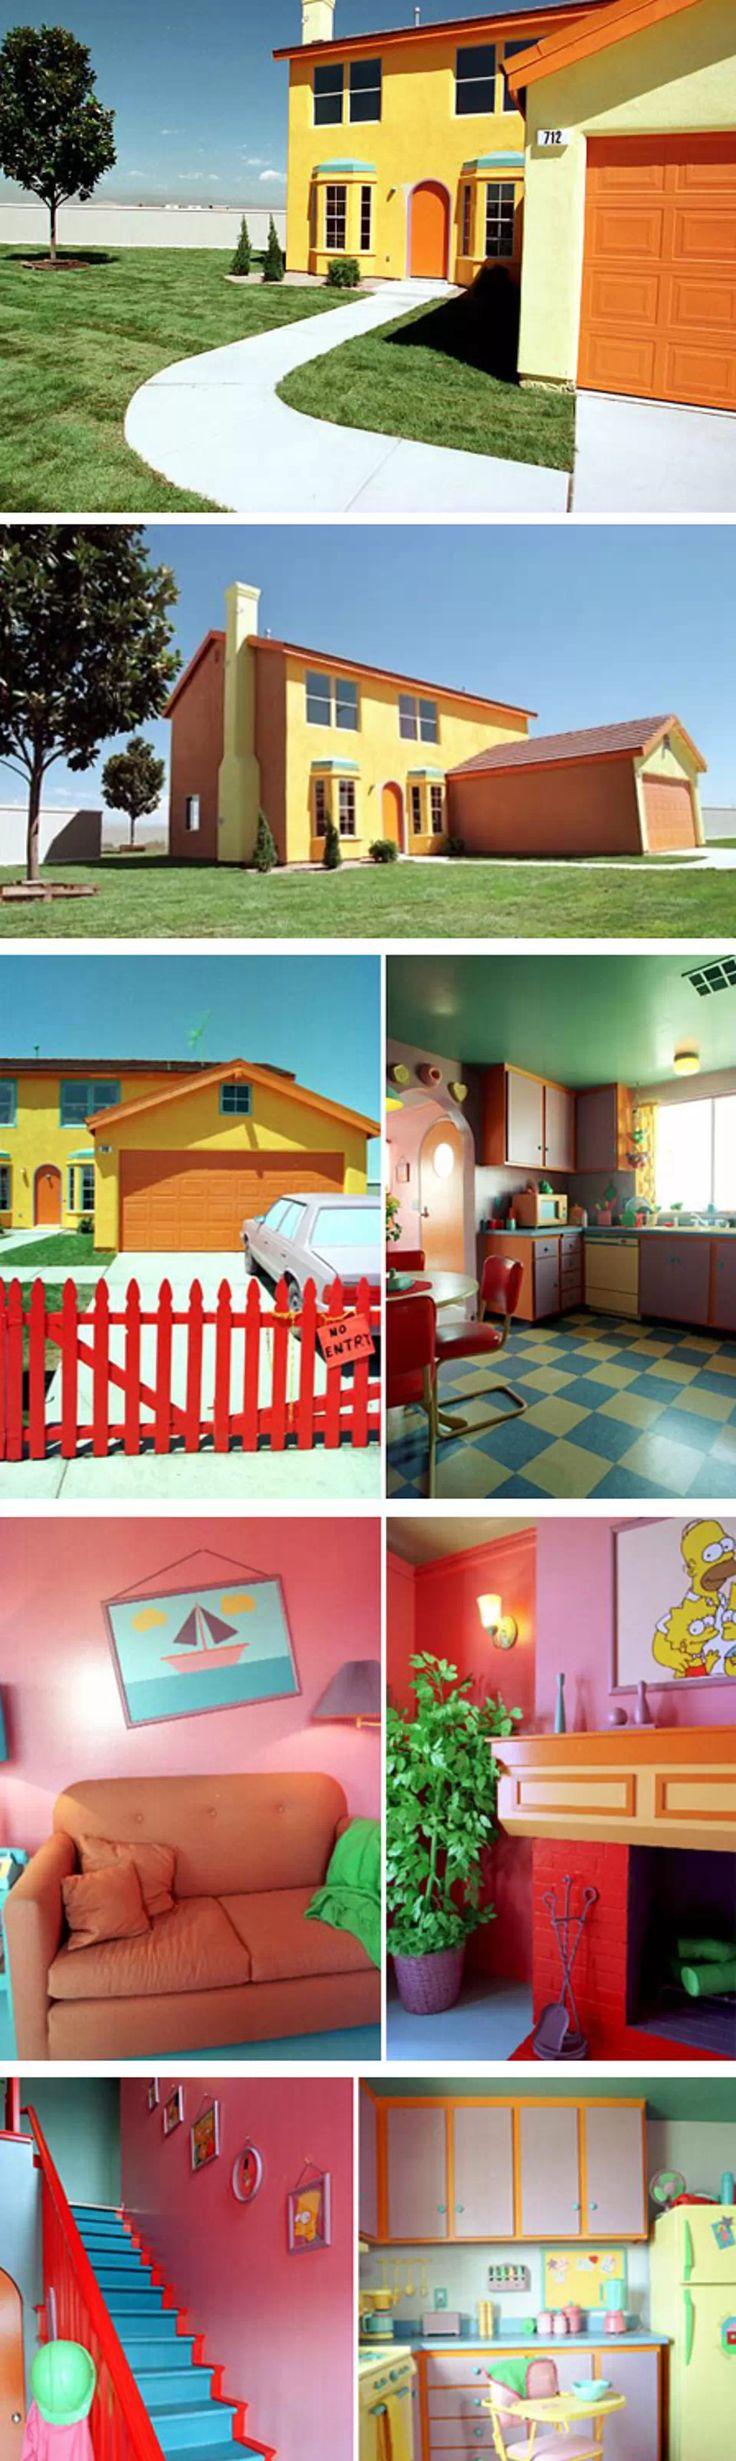 Cartoon homes brought to life! | moviepilot.com